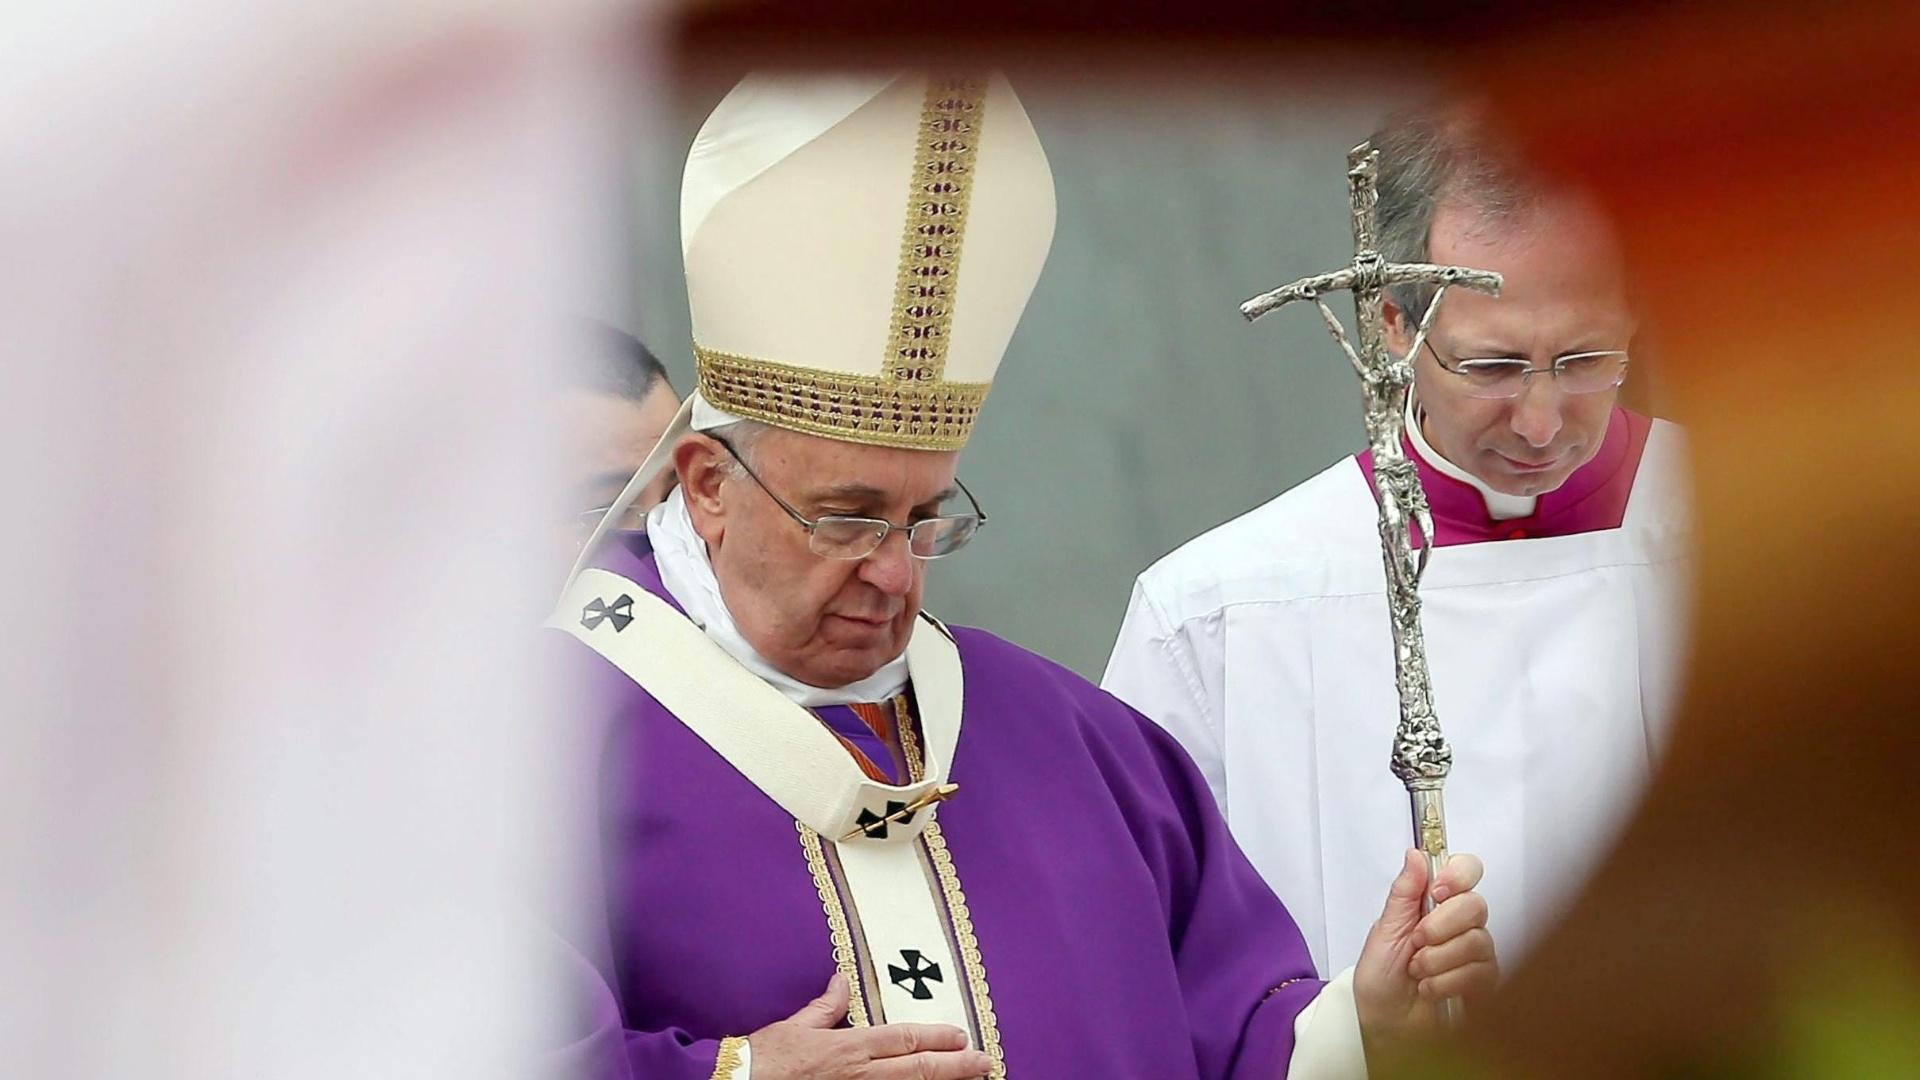 21.mar.2015 - Papa Francisco realiza missa na praça Piazza del Plesbicito, em Nápoles, Itália. O papa pronunciou neste sábado (21) um de seus discursos mais duros ao afirmar que